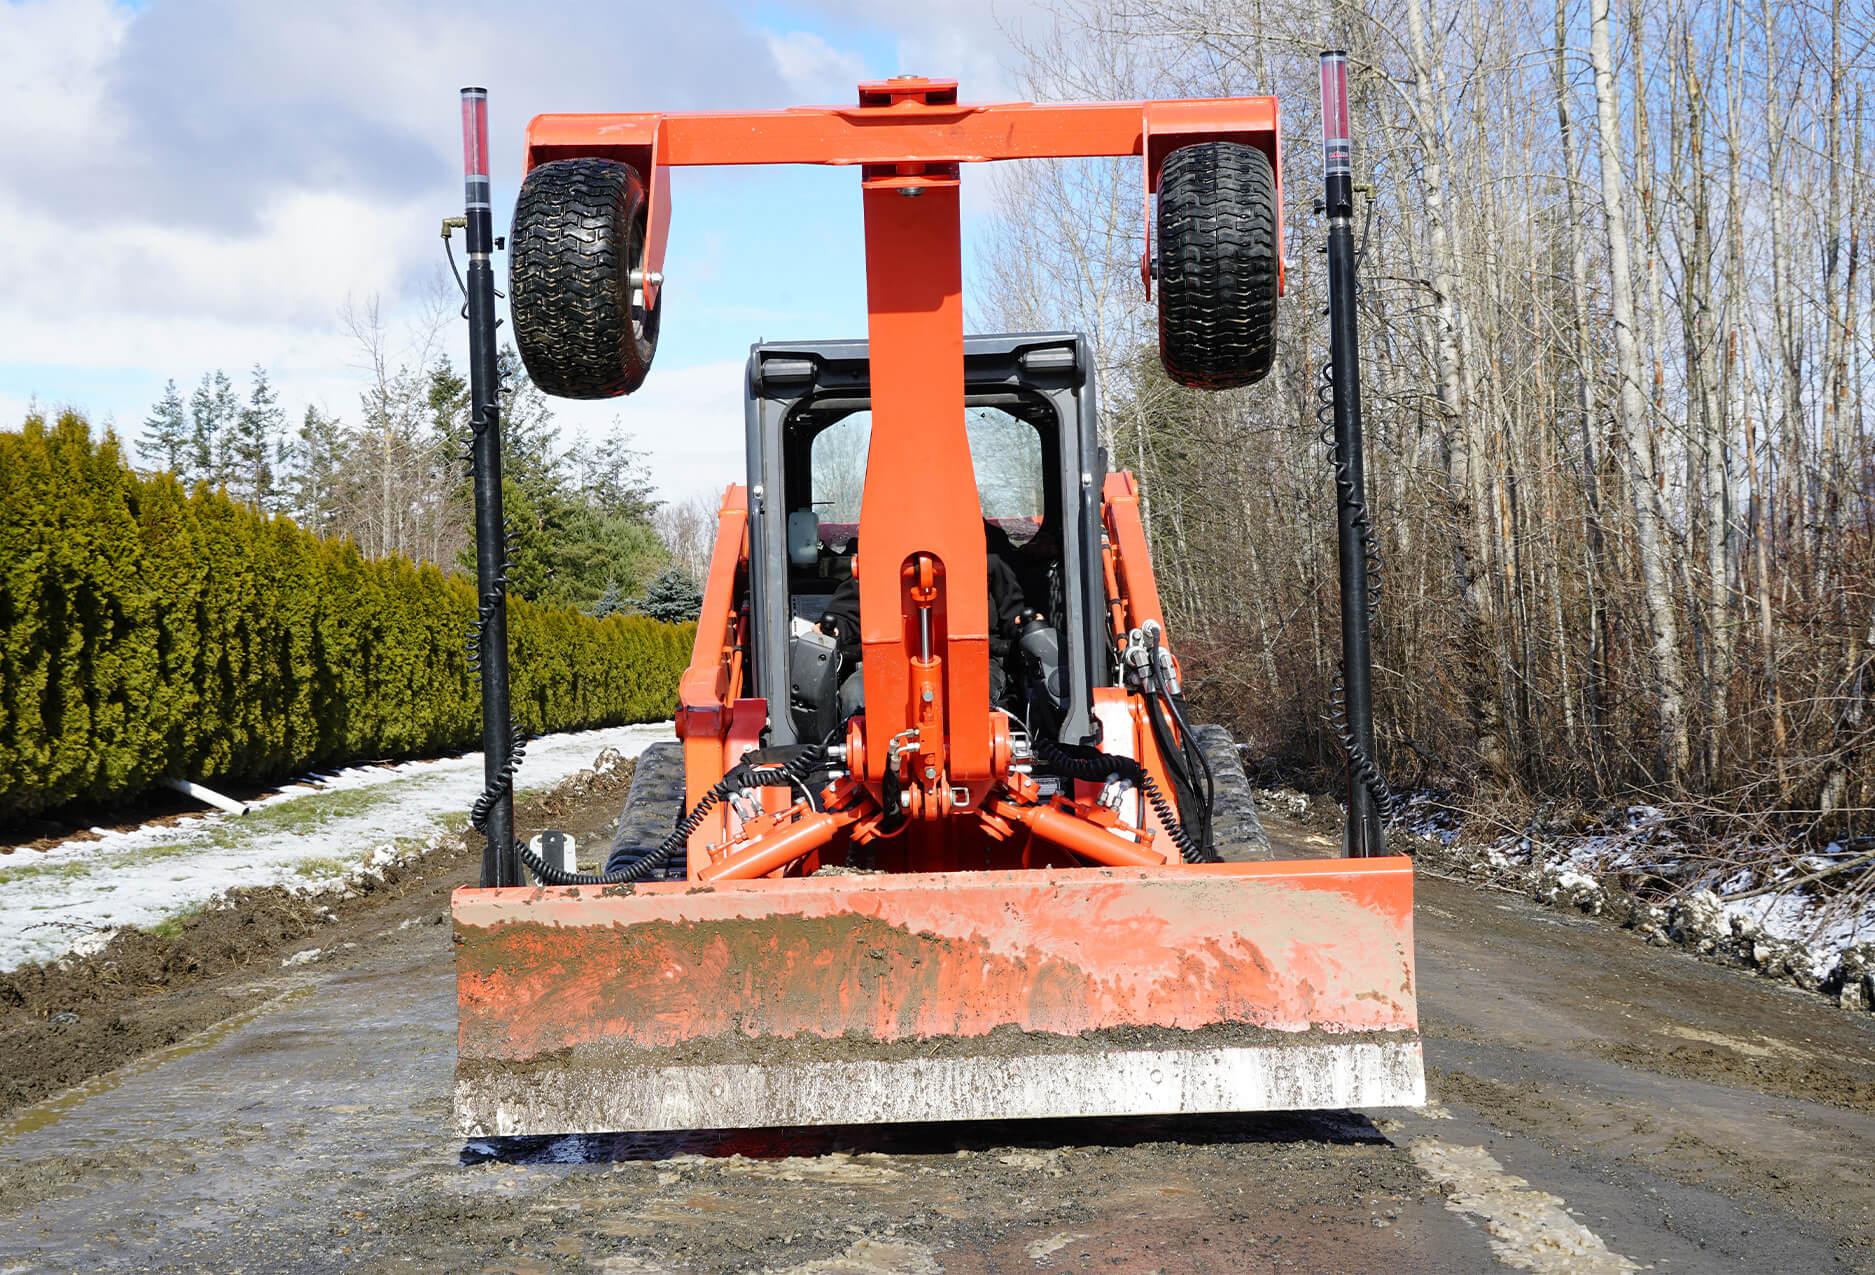 Eterra Dozer Grader Skid Steer Attachment front action road grading